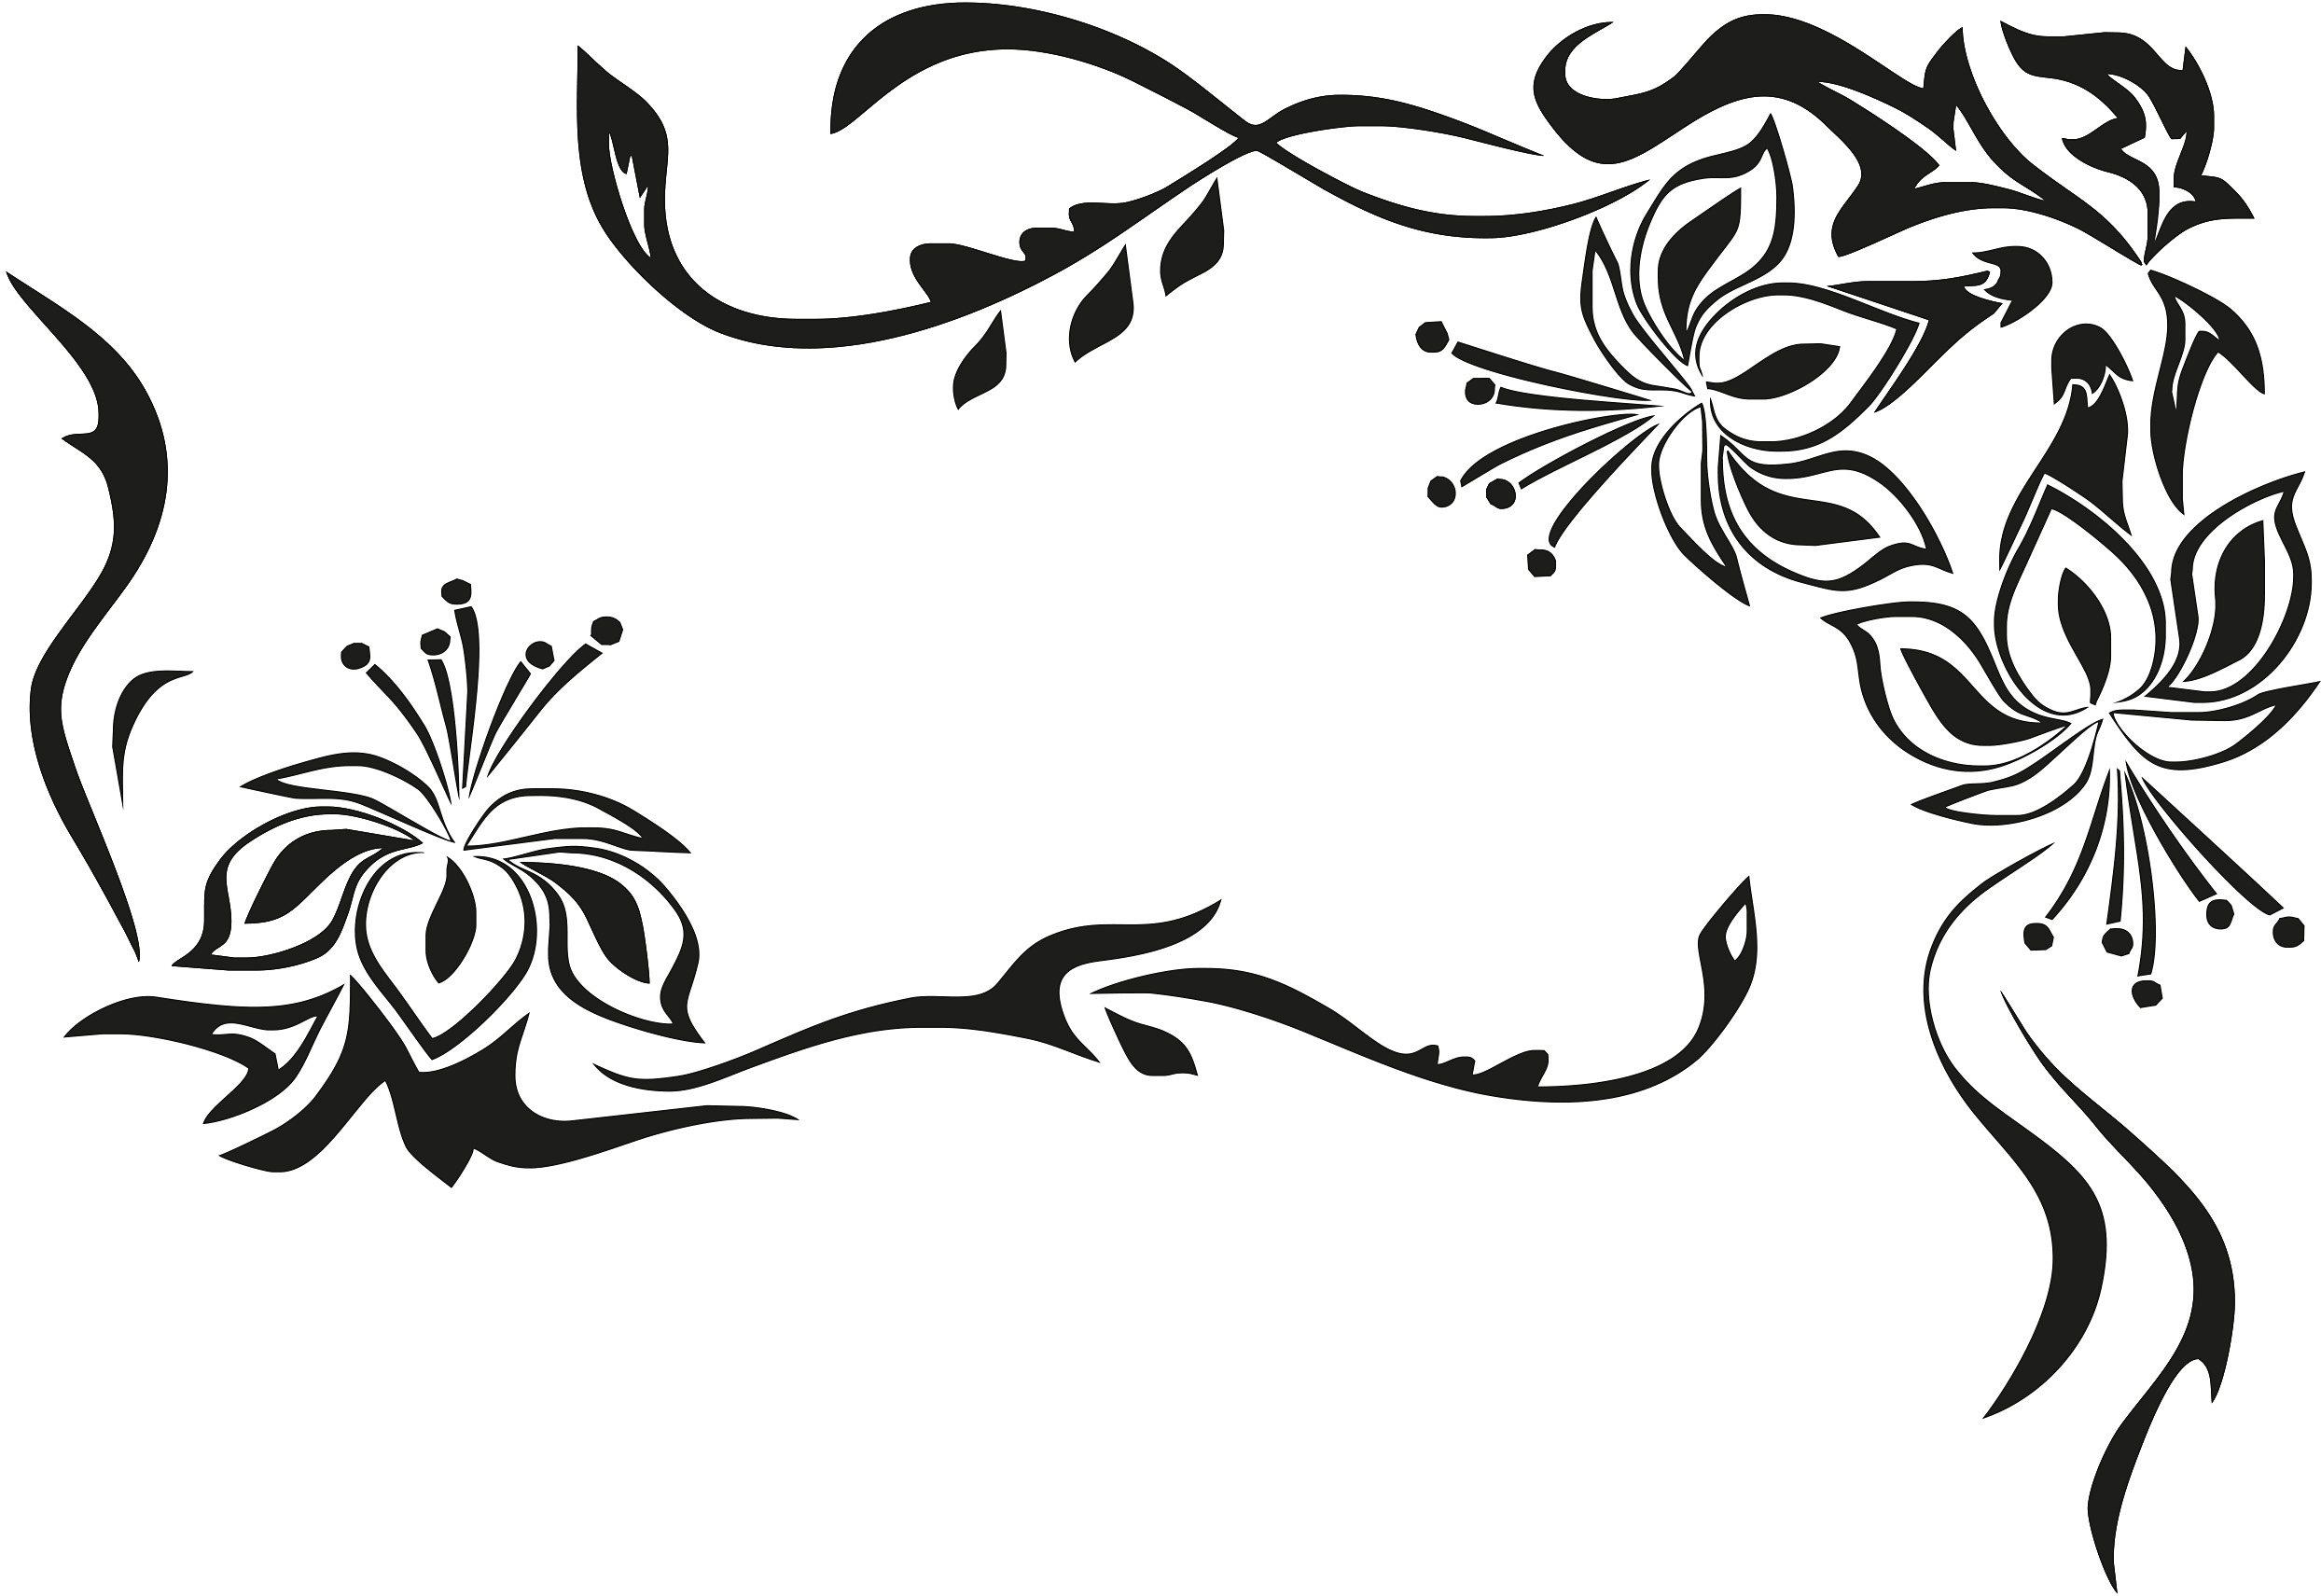 Fabelhaft Wandtattoo Drachen Dekoration Von Wandtattoo, , »blütenornament«, In 3 Größen